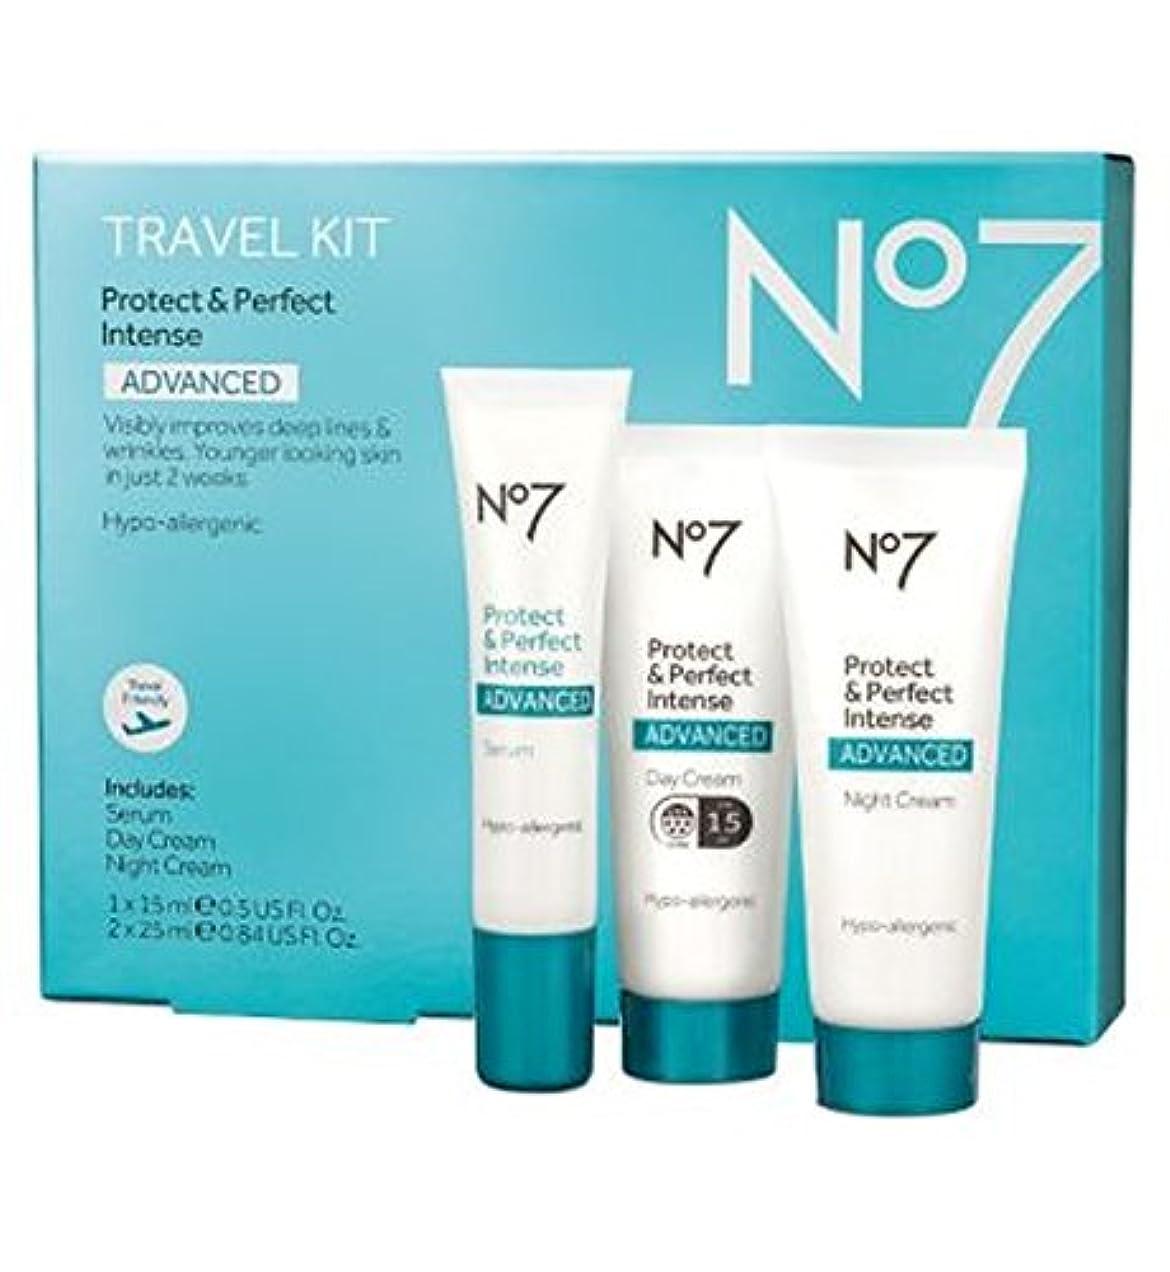 暴行居住者司令官No7 Protect & Perfect Intense ADVANCED Travel Kit - No7保護&完璧な強烈な高度な旅行キット (No7) [並行輸入品]